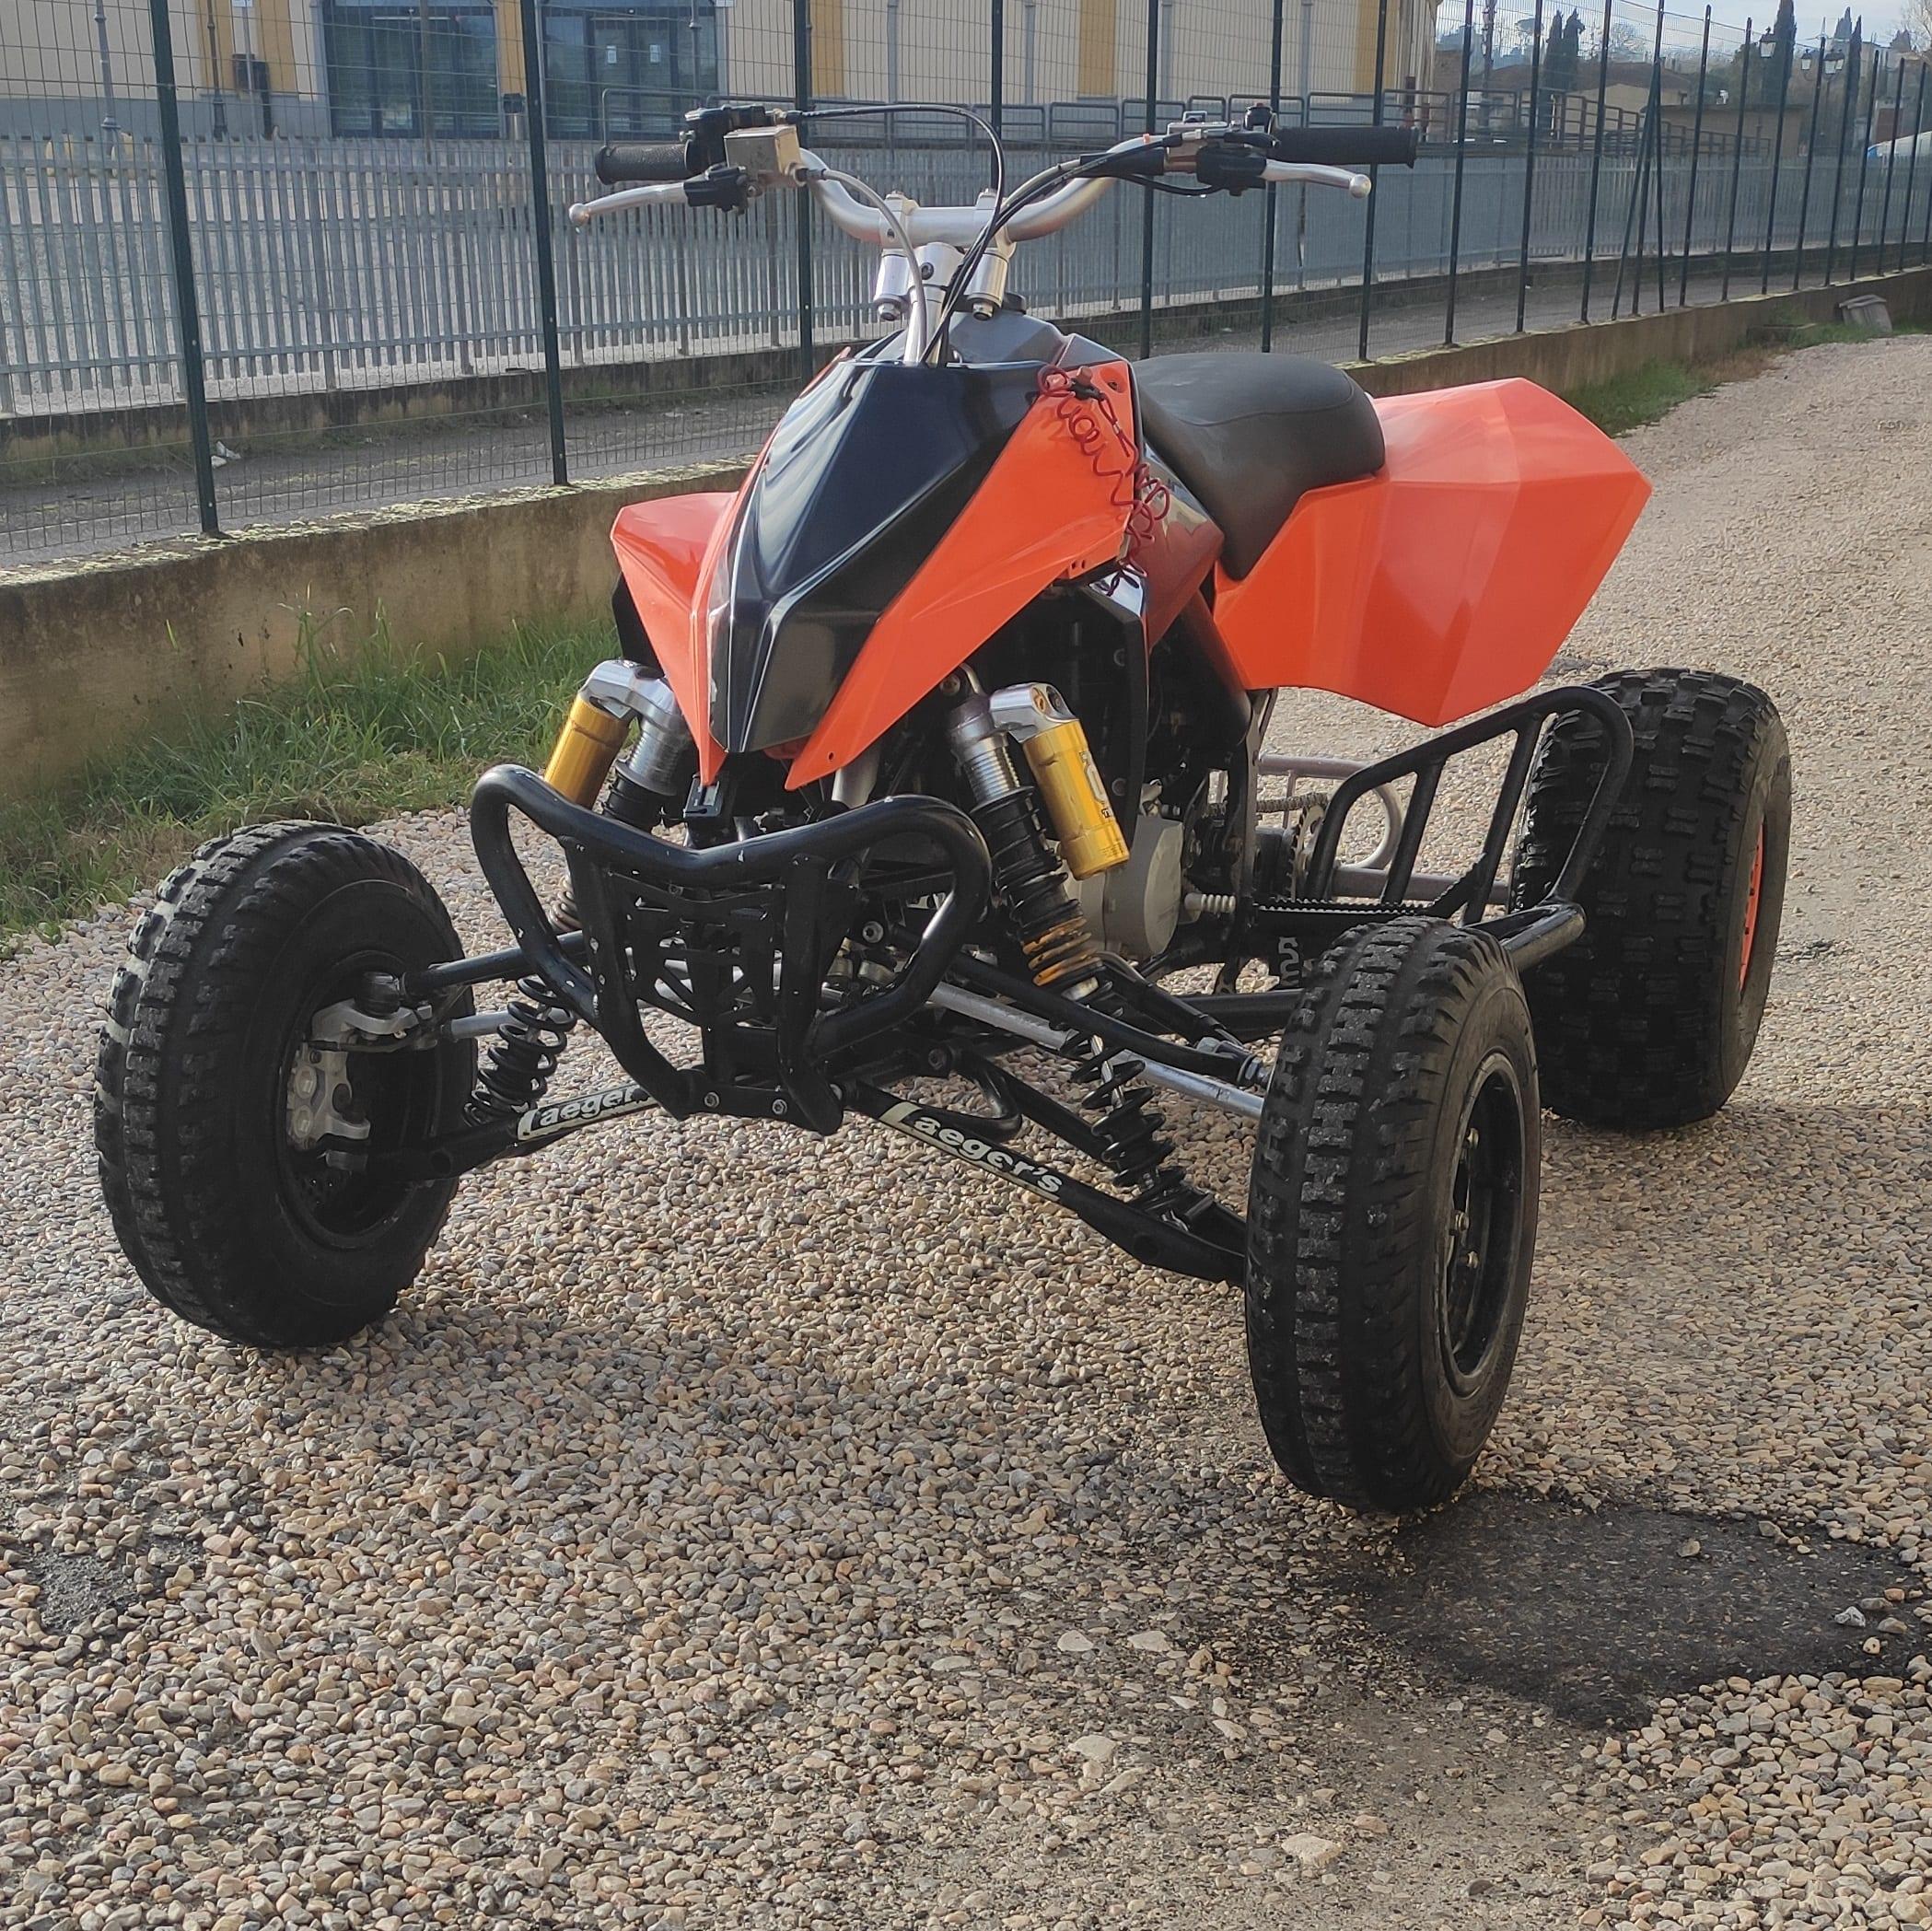 ATV KTM XC 450 2009